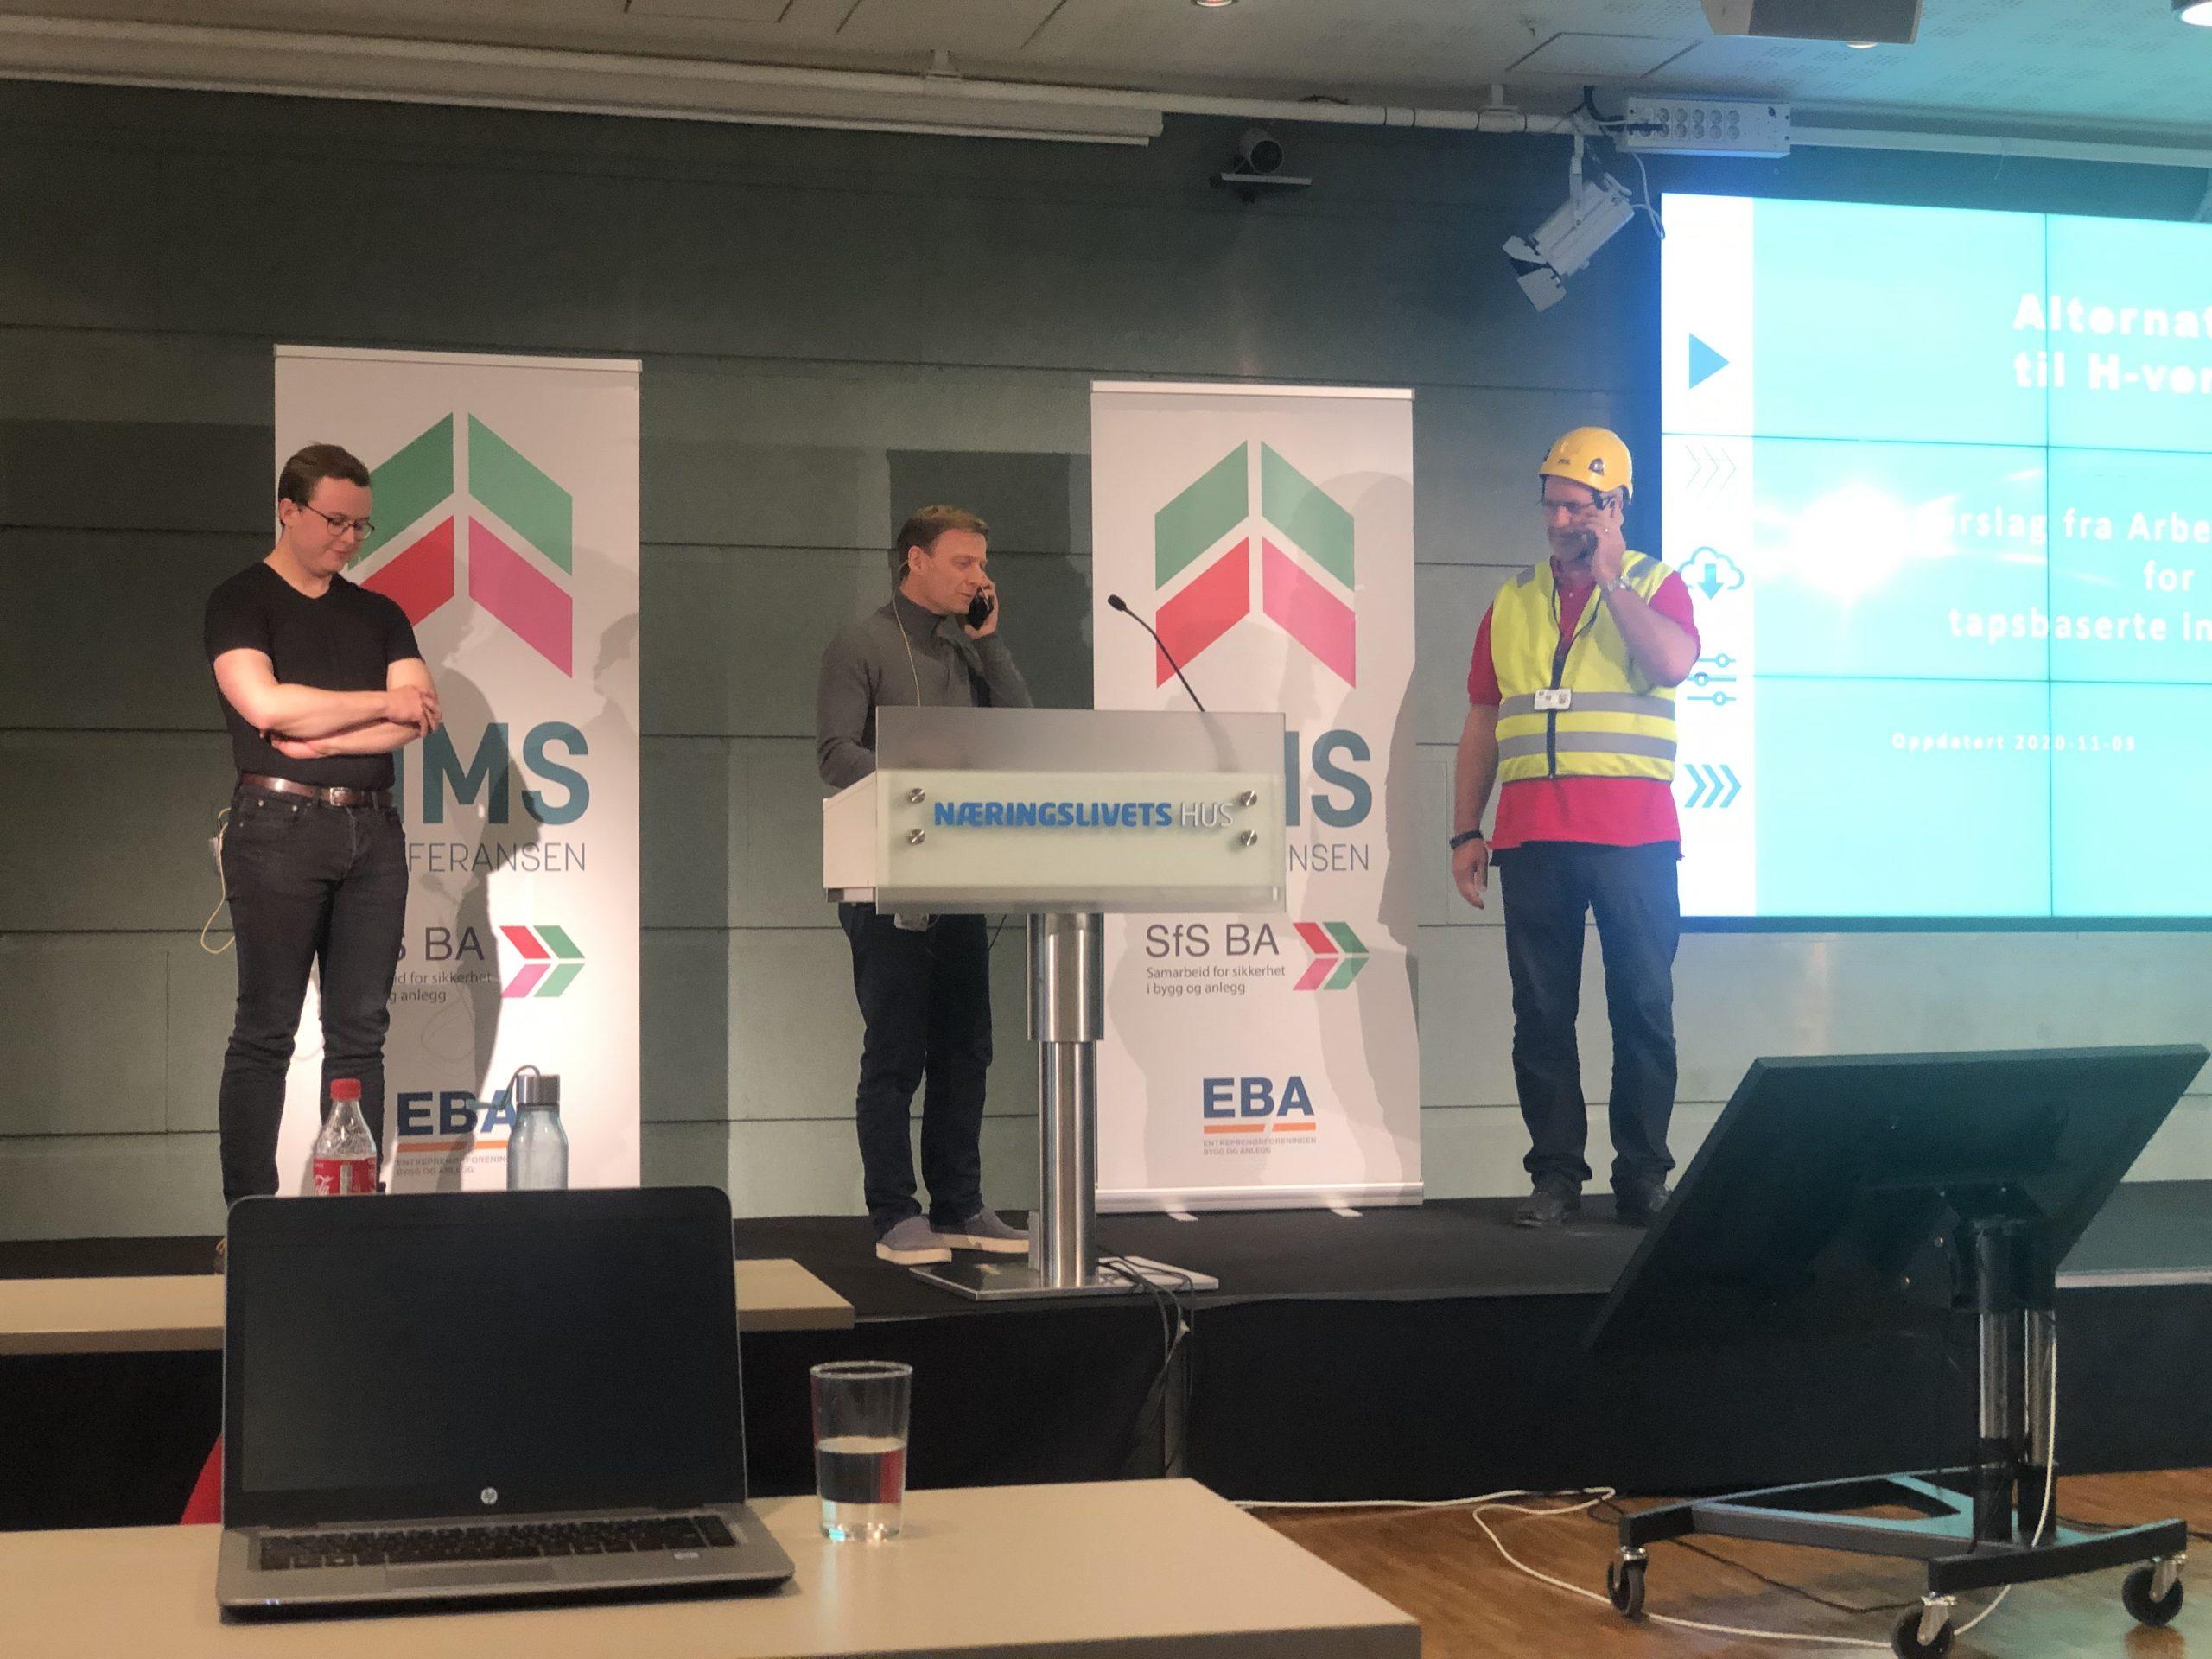 Terje Bakke (Statsbygg), Henrik Nyeng (Statsbygg) og Haakon Rud (Haakonsult) presenterer forslag til nye tapsbaserte indikatorer